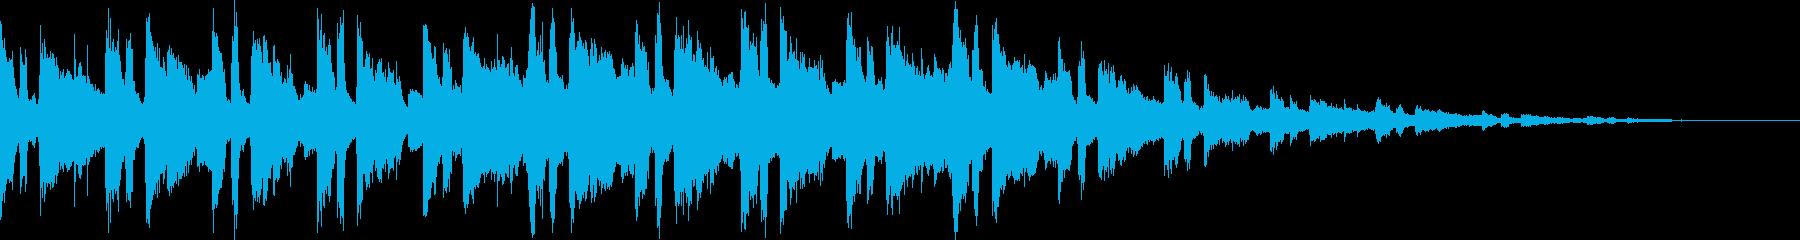 儚げな雰囲気のBGMの再生済みの波形